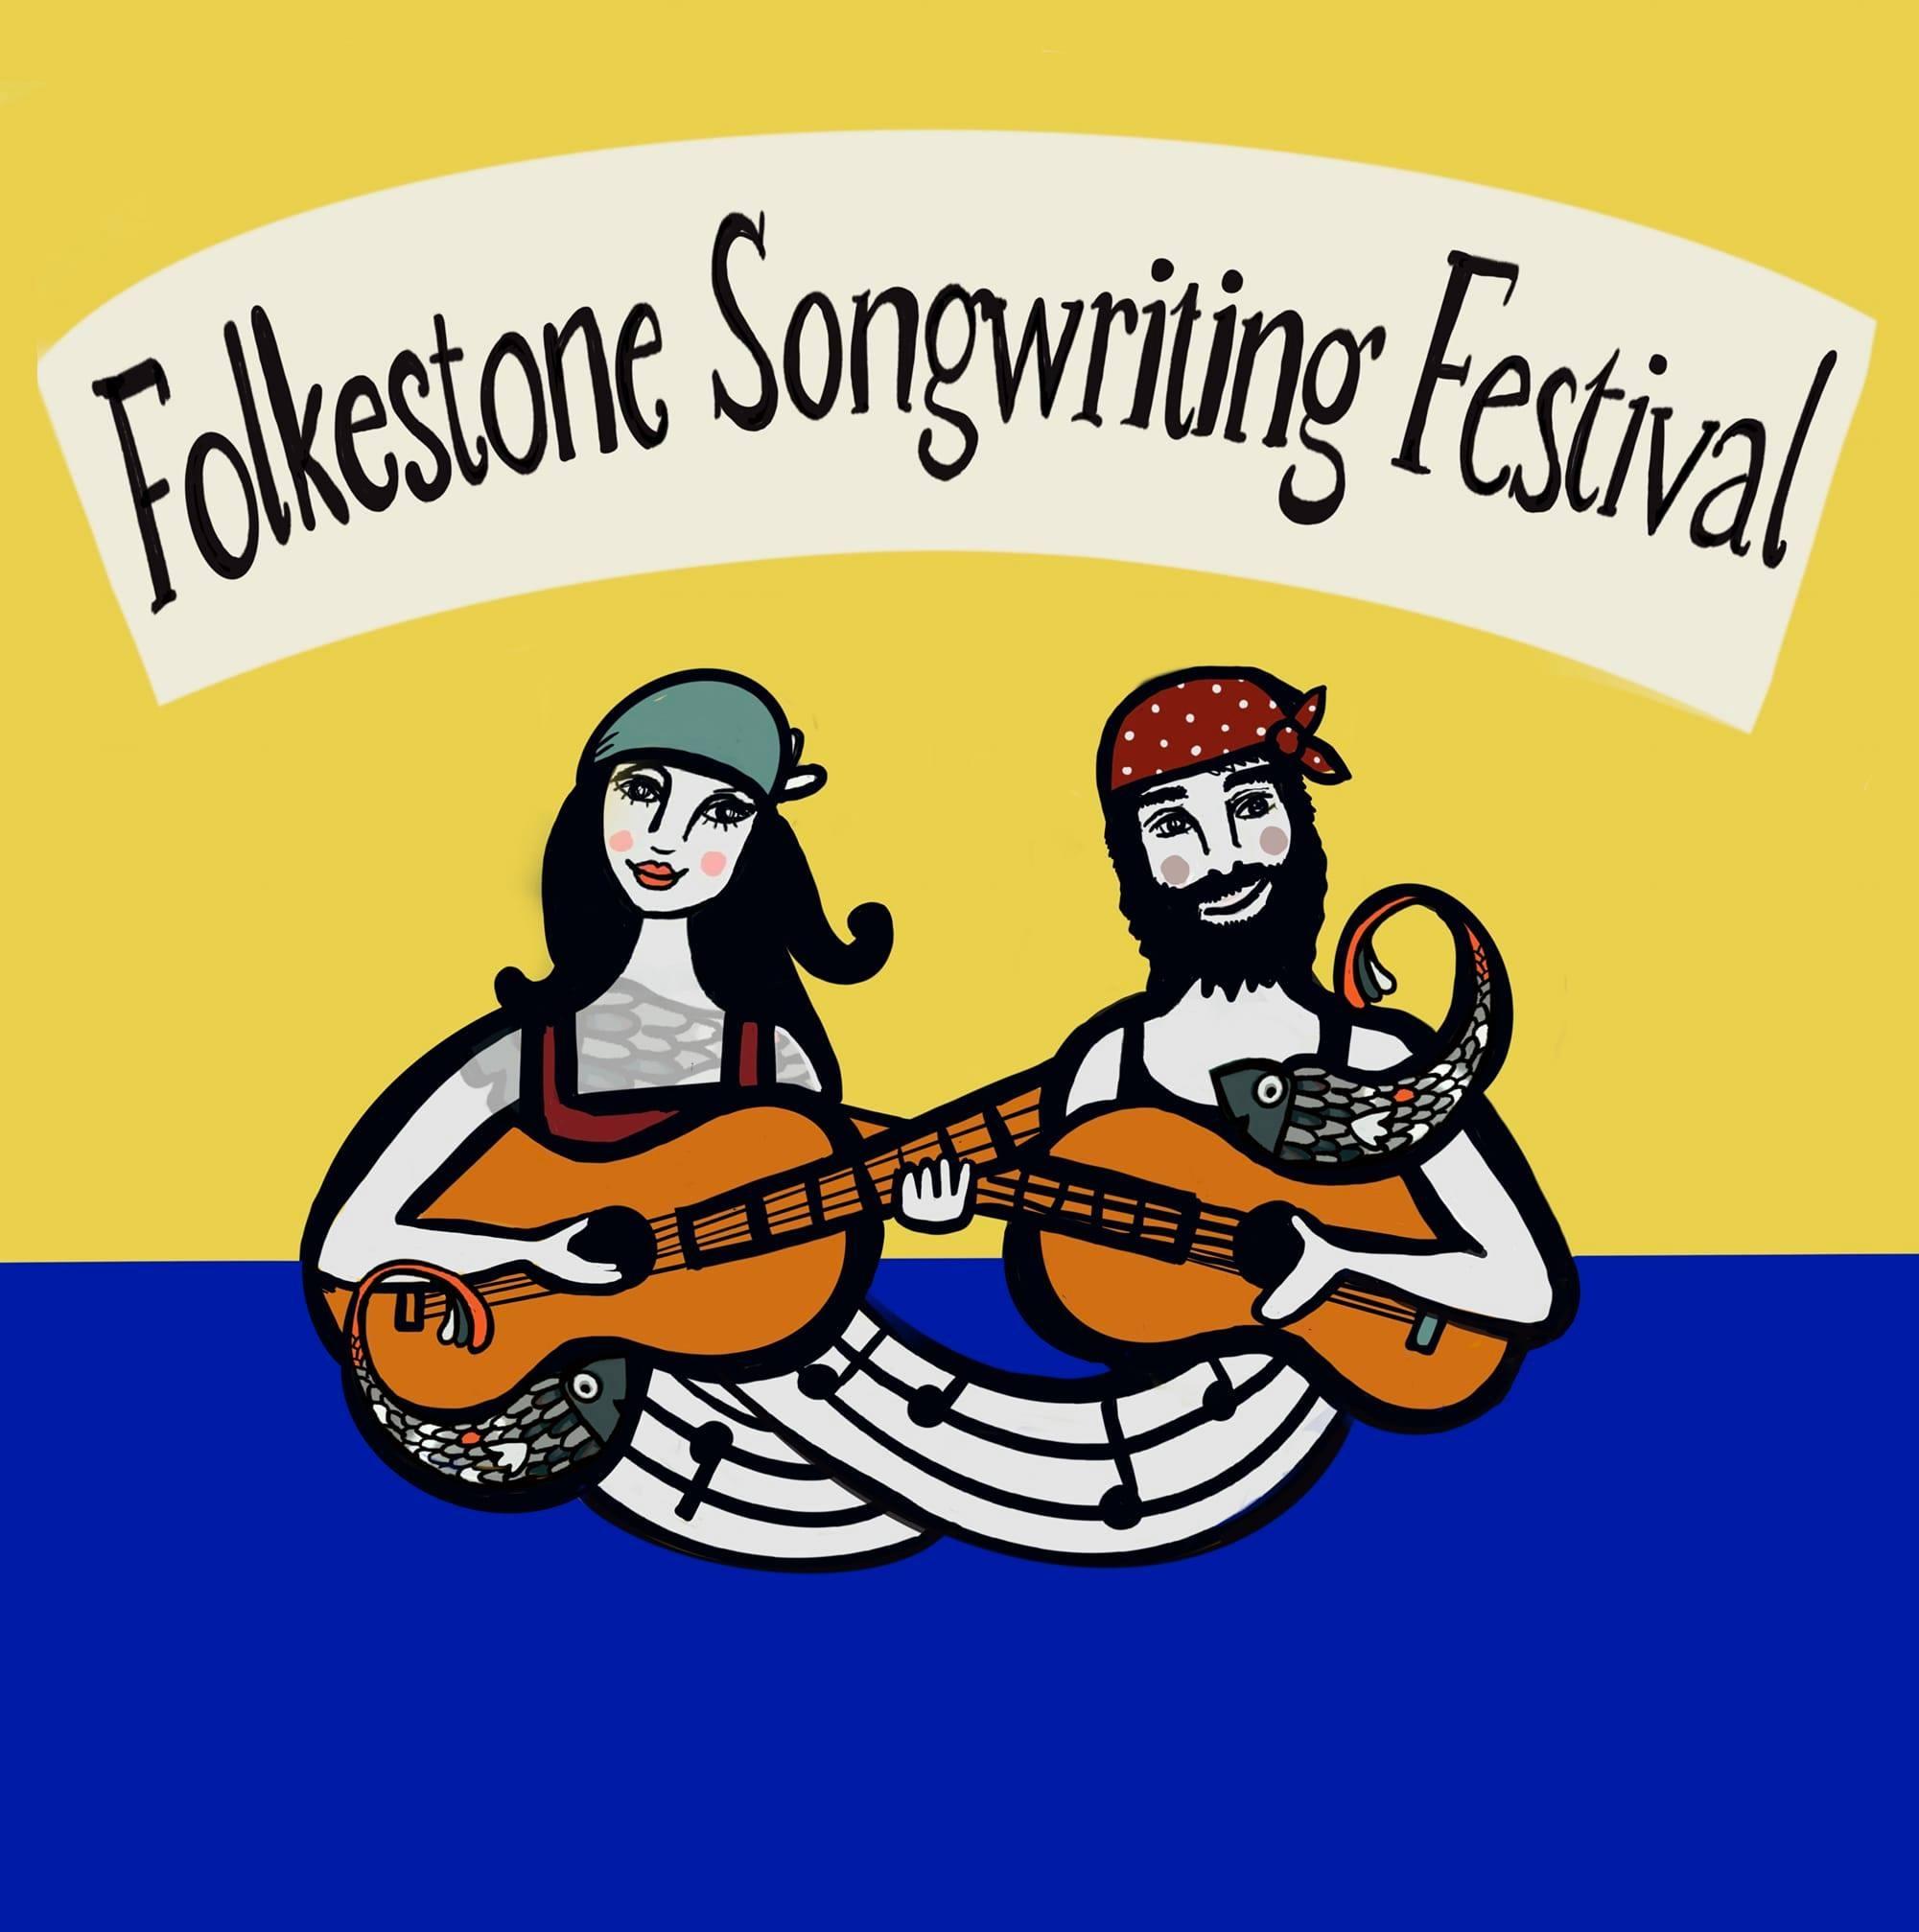 Folkestone Songwriting Festival Logo